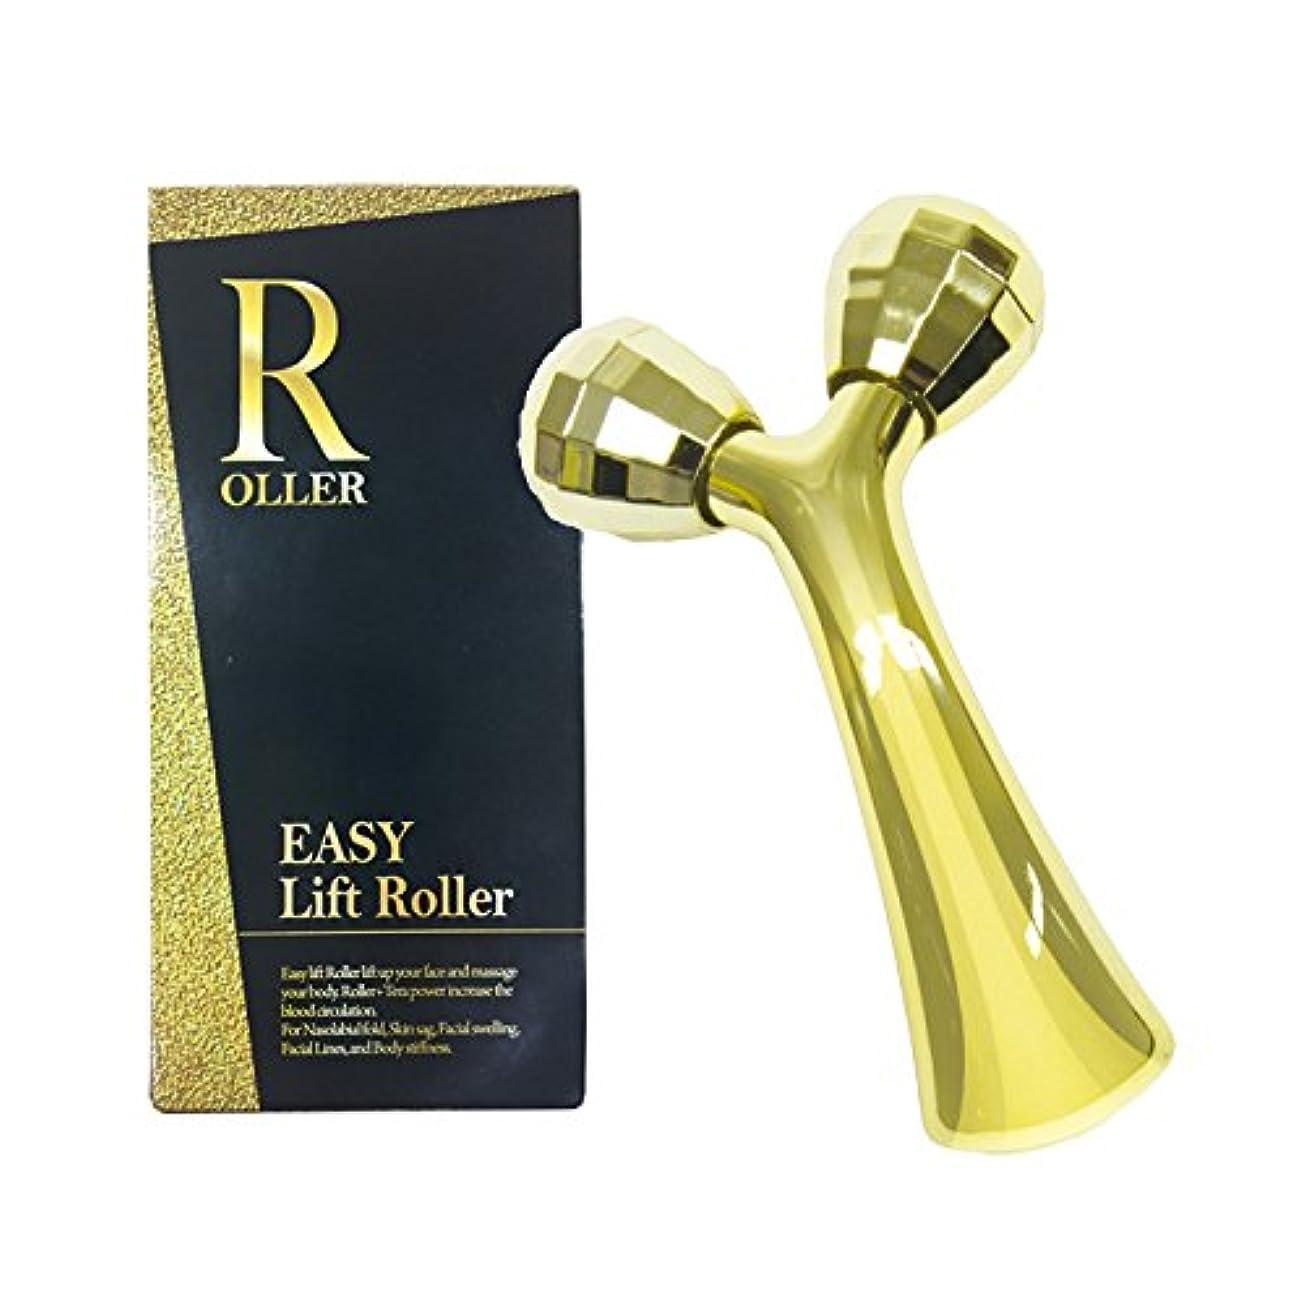 コーナー不透明な踊り子Easy Lift Roller(イージーリフトローラー)